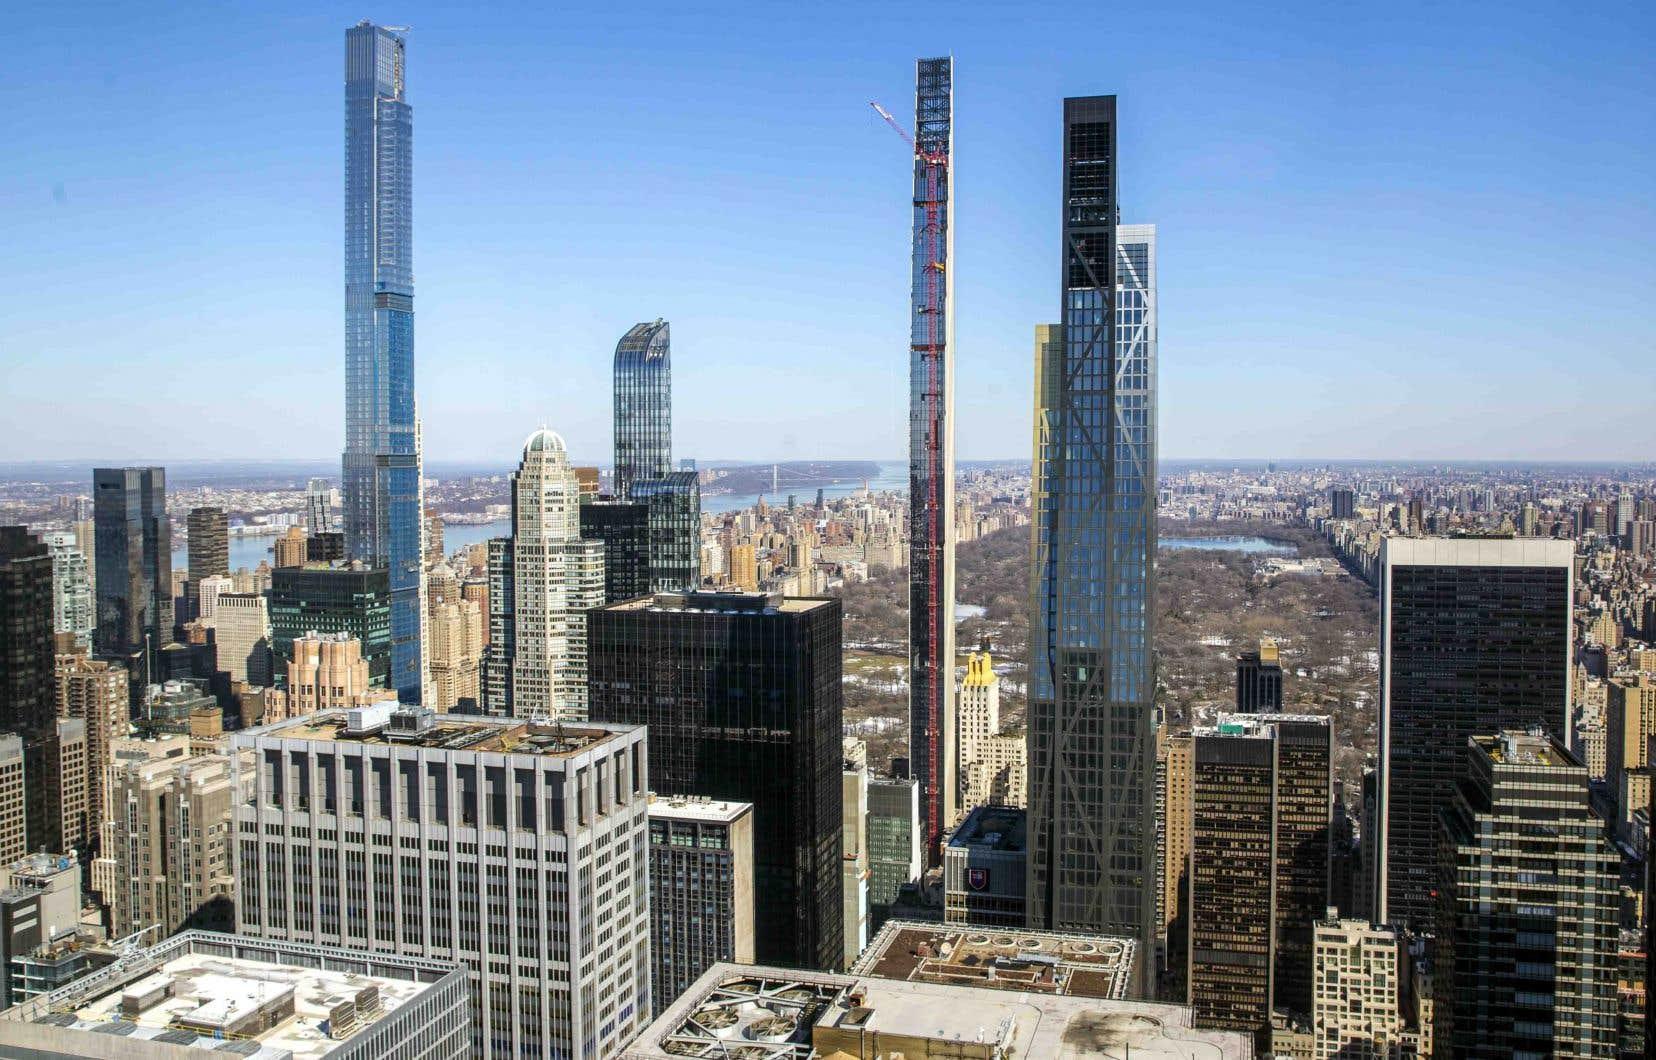 Sonder Canada possède des appartement dans 30 villes de 8pays à travers le monde dont New York (sur la photo), Miami, Londres, Ams-terdam, Dubai, Barcelone et  Montréal, là où la compagnie a été fondée.